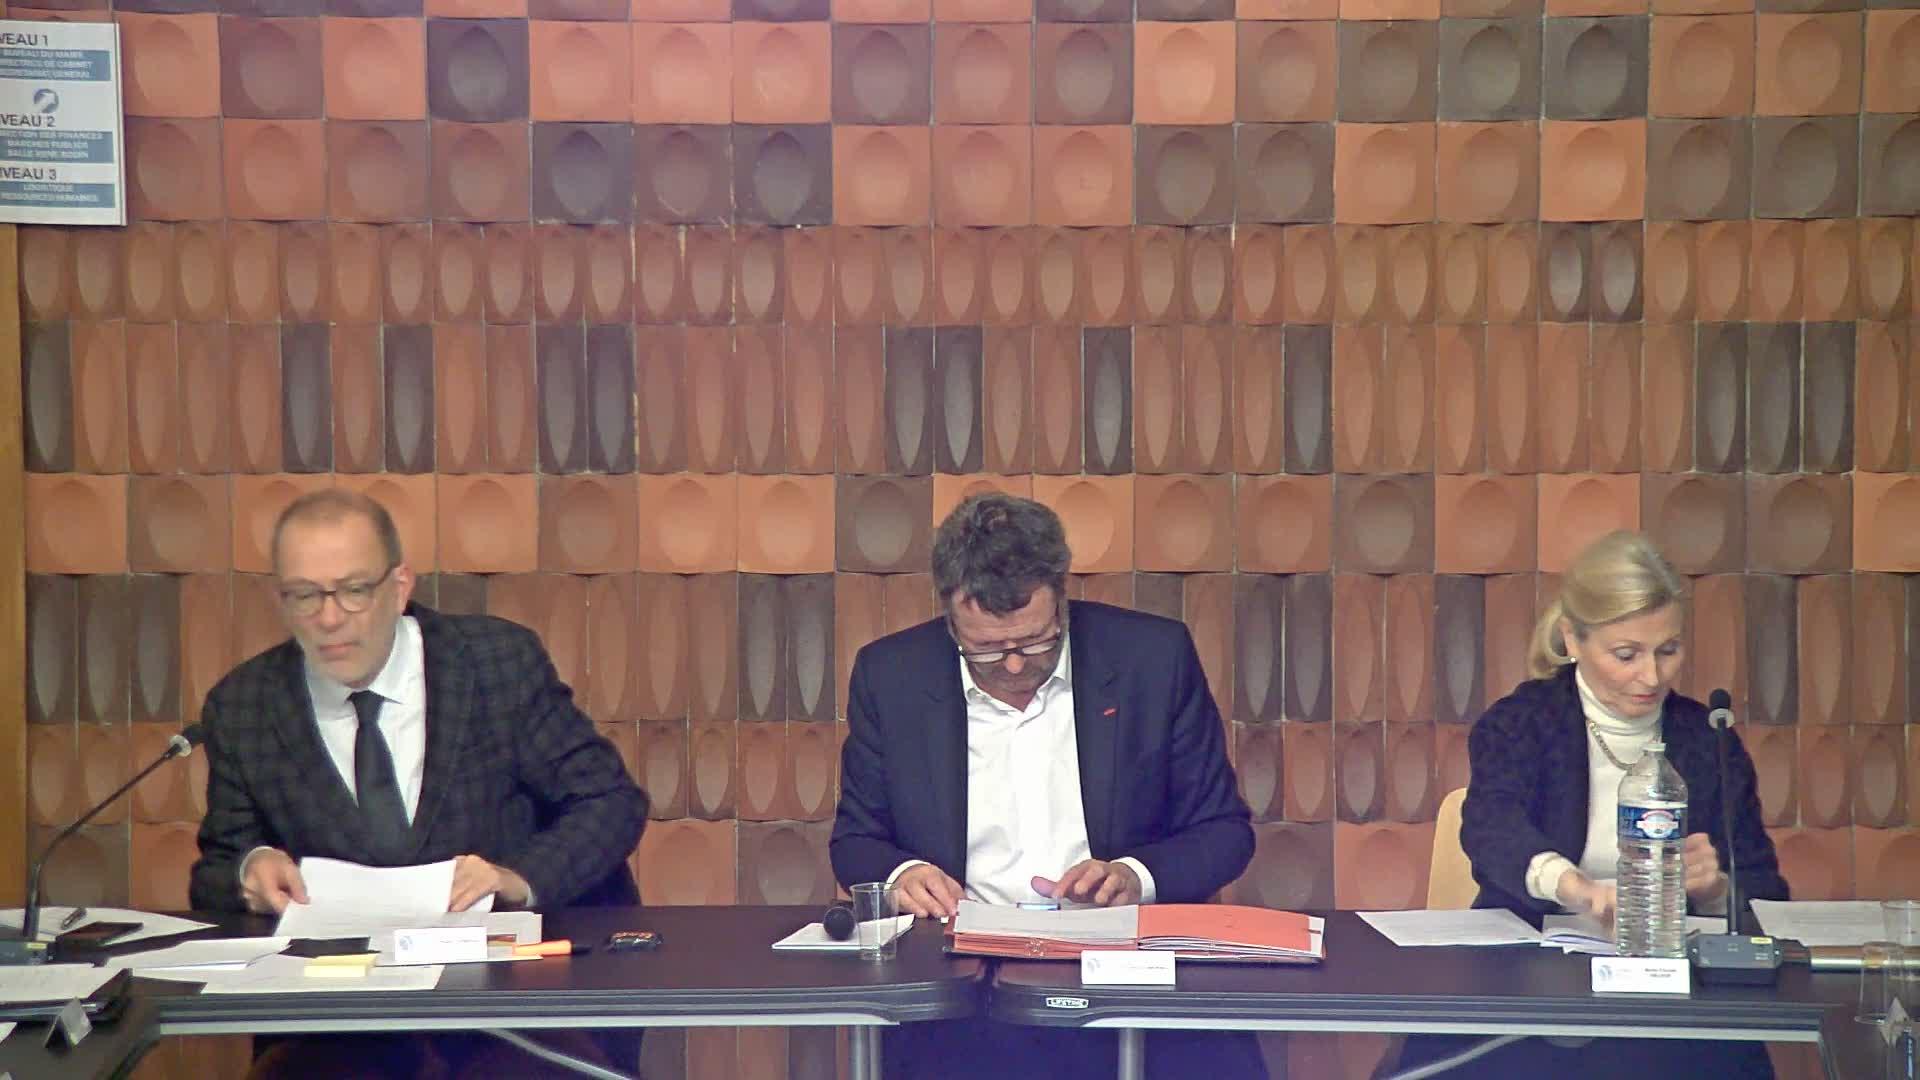 Modalités de mise à disposition des salles municipales dans le cadre des élections municipales de 2020